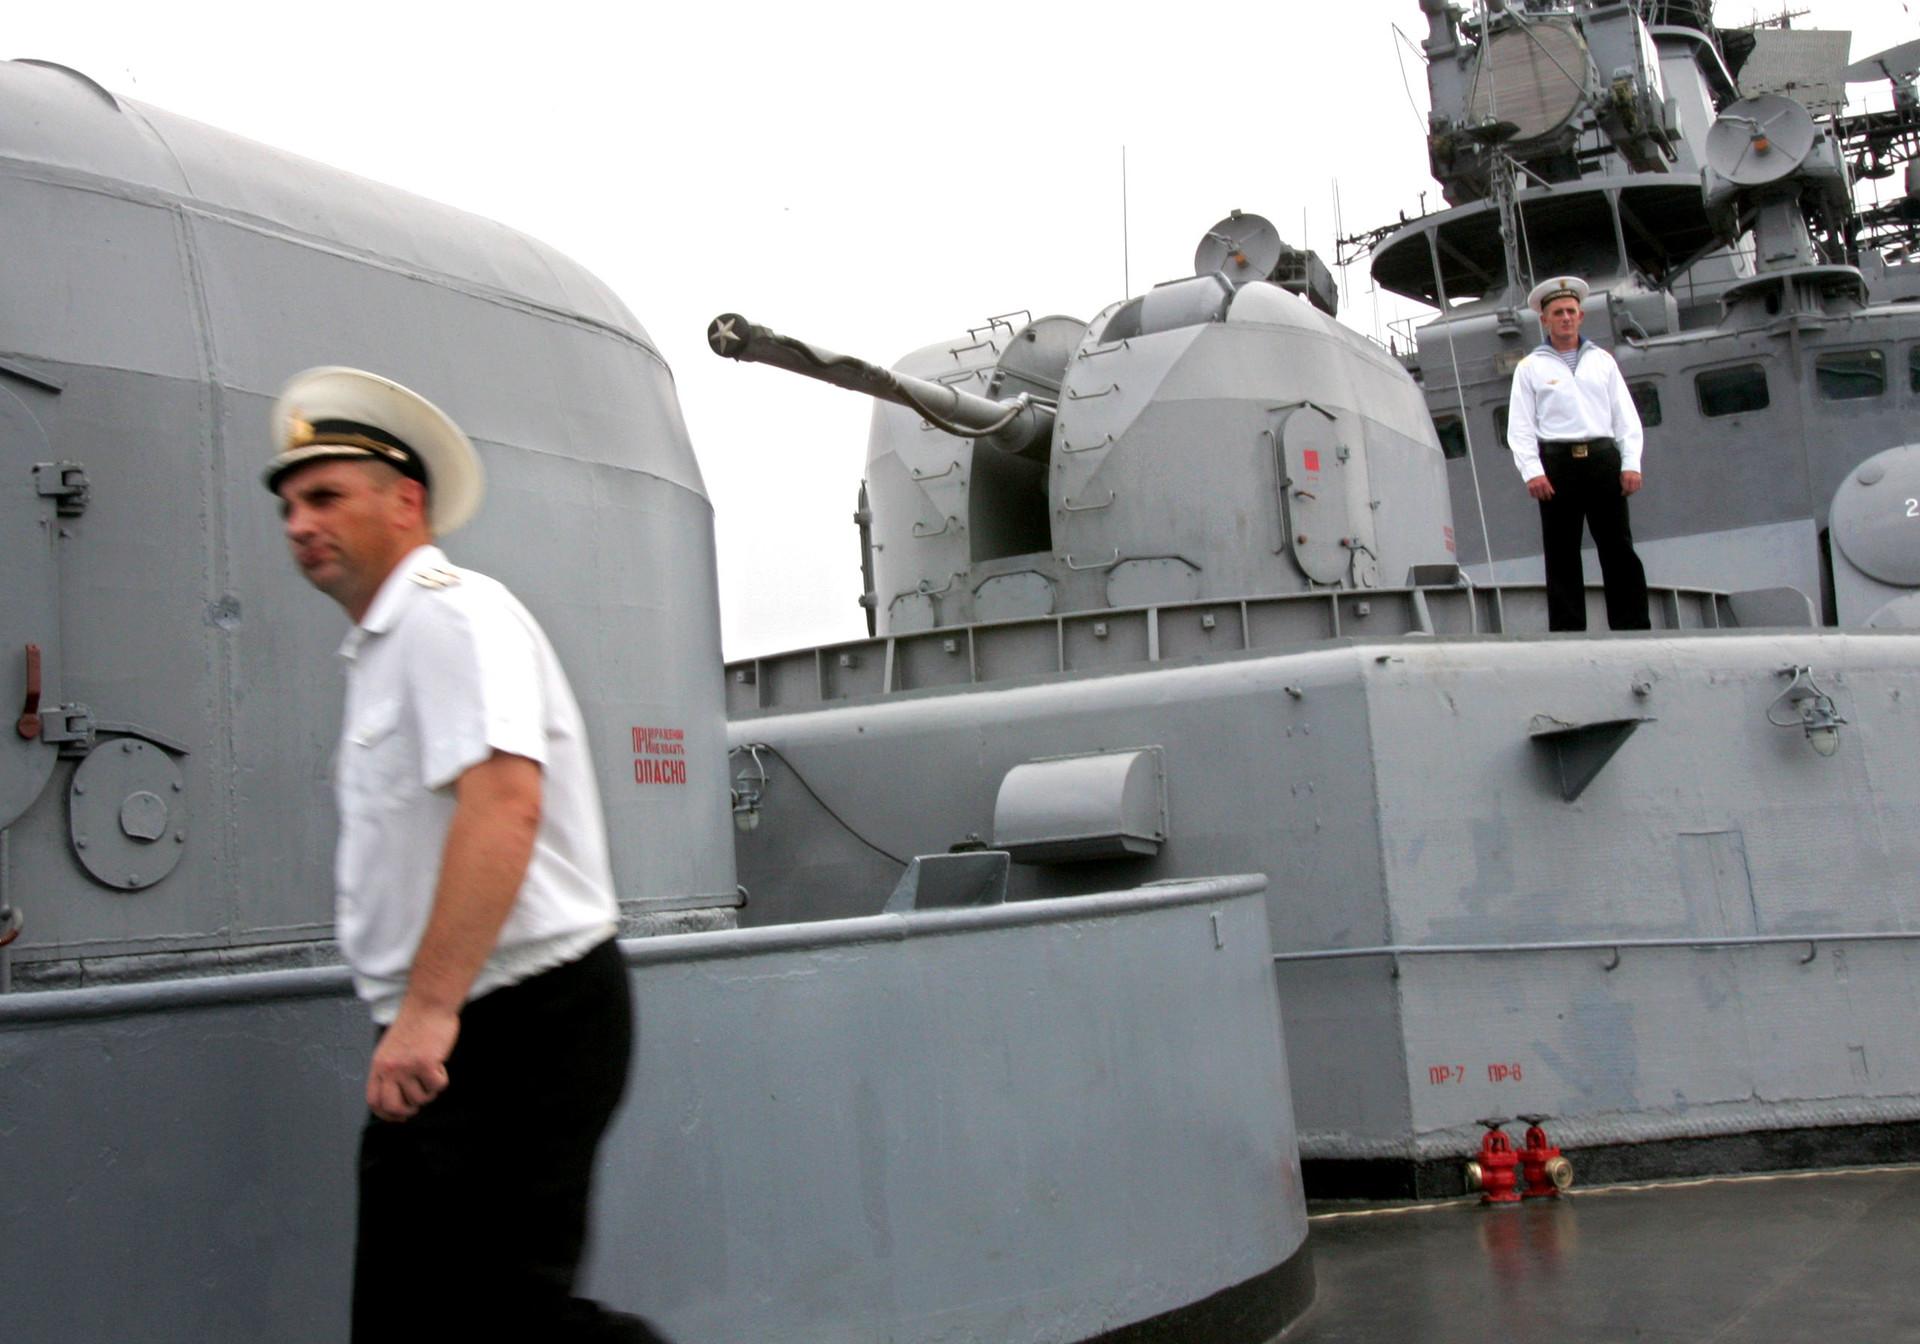 Pada Oktober 2015 lalu, 'Admiral Panteleyev' singgah di Tanjung Priok dengan misi mempererat hubungan militer antara Rusia dan Indonesia.